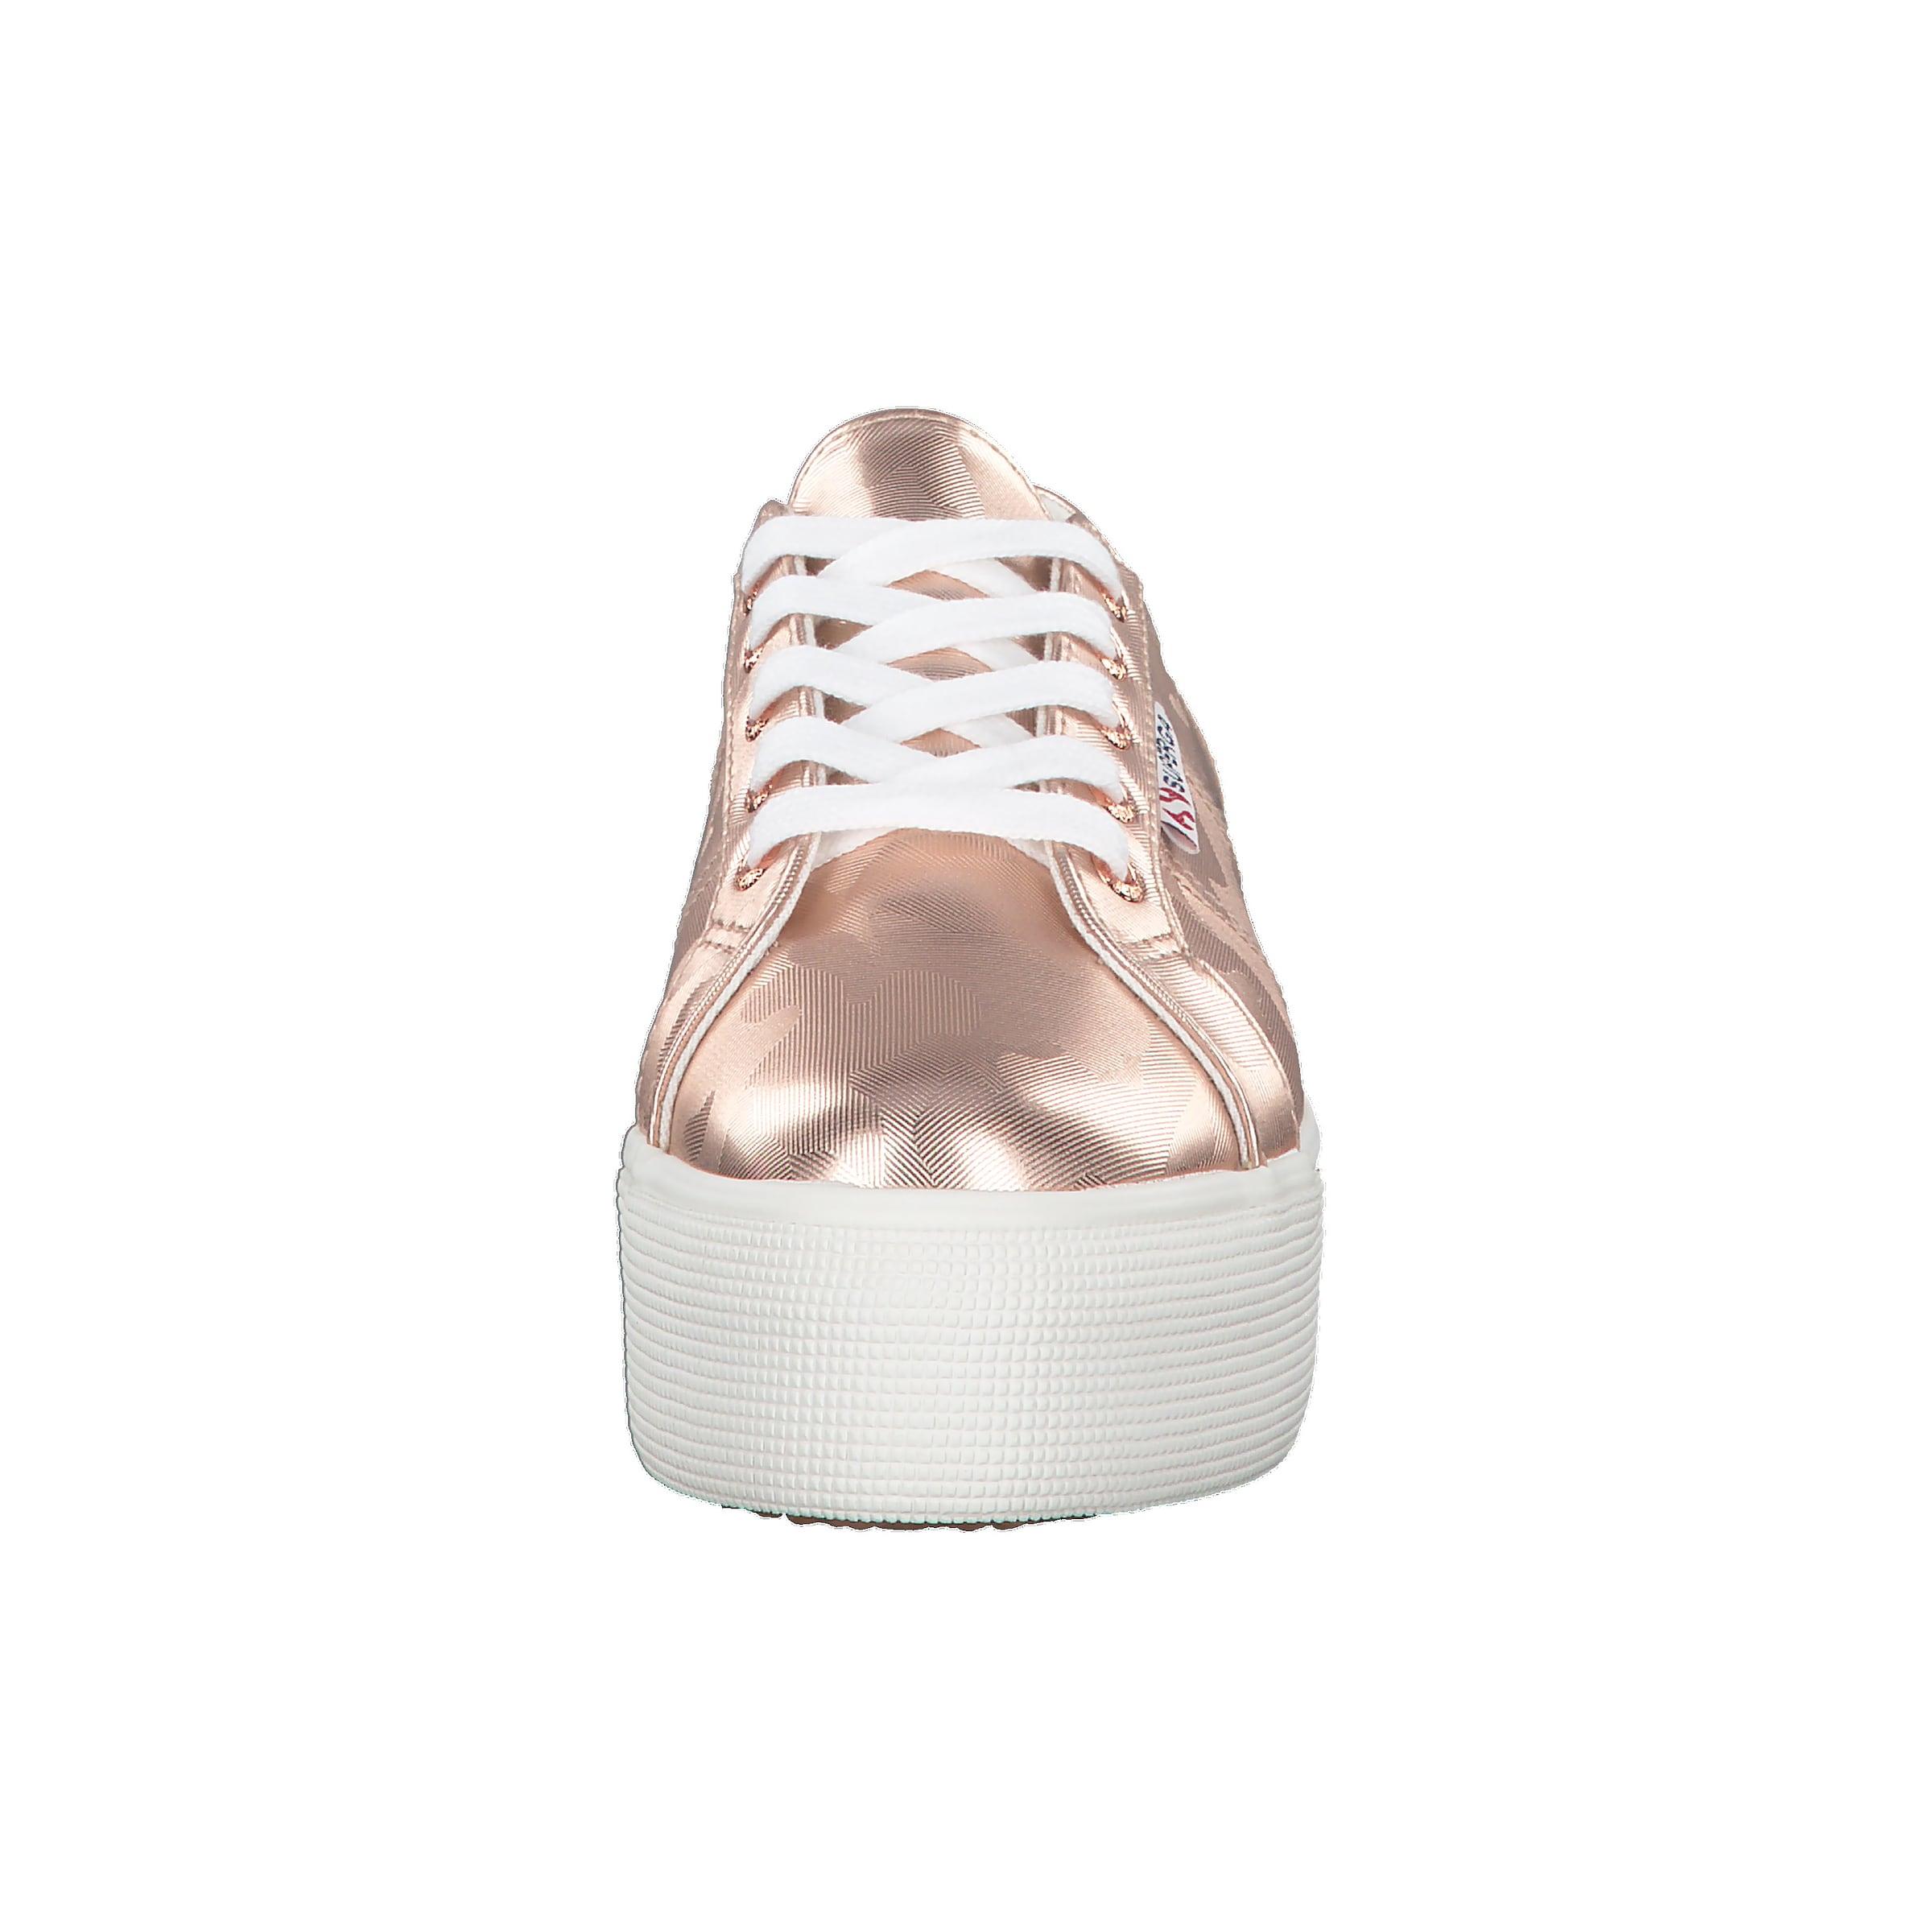 In In Sneaker Superga Low Low GoldRosé Sneaker Superga Sneaker Low GoldRosé Superga In 8ymvN0Own